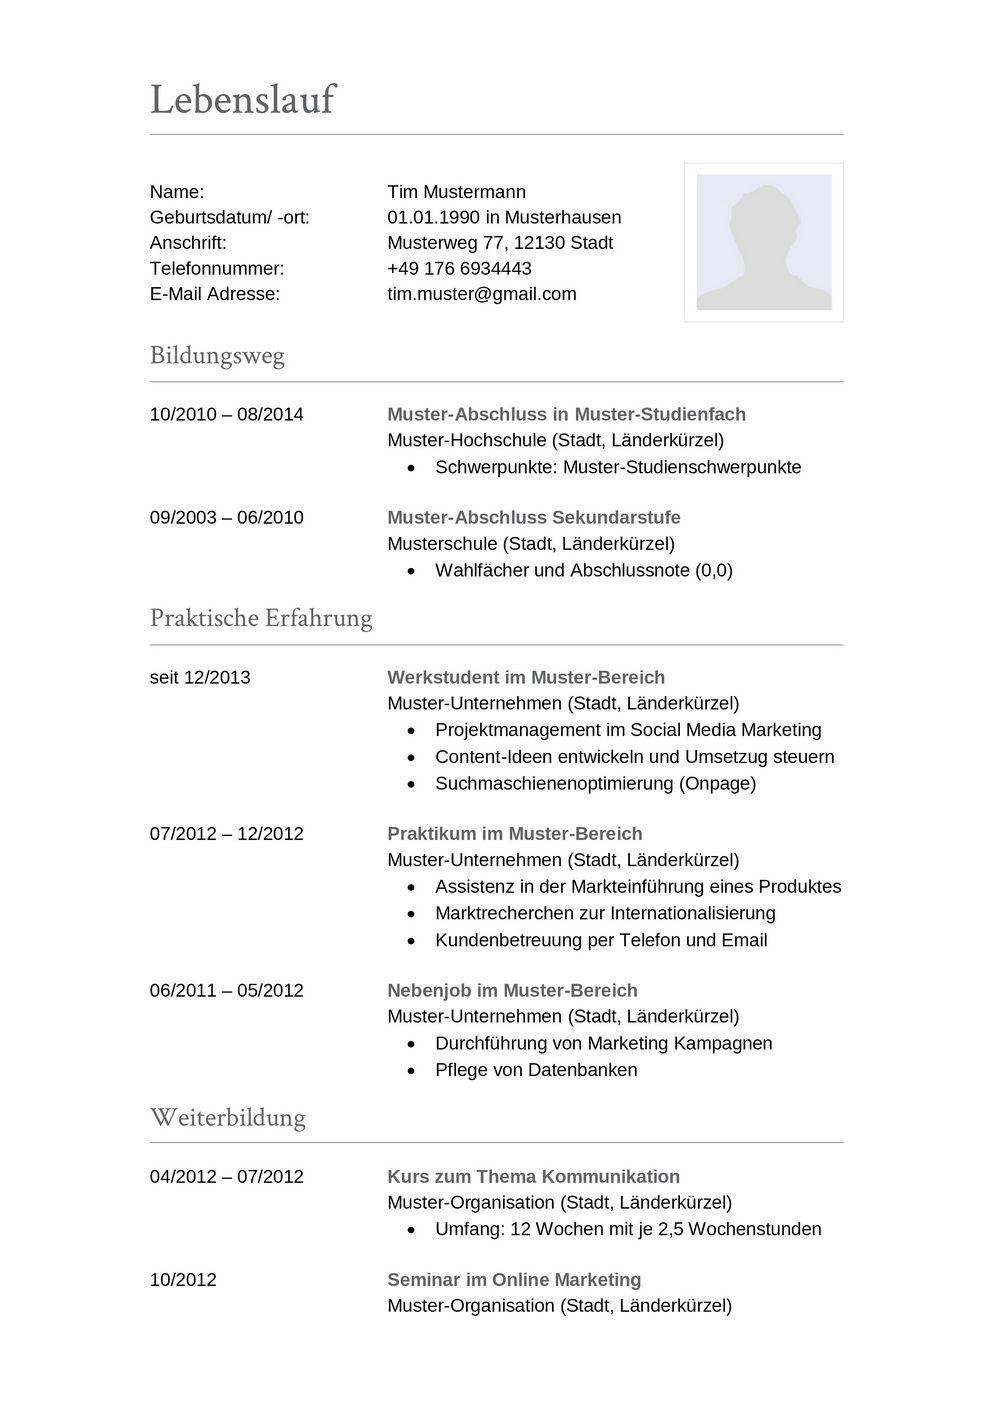 Lebenslauf Muster für Buchhalter | Lebenslauf Designs